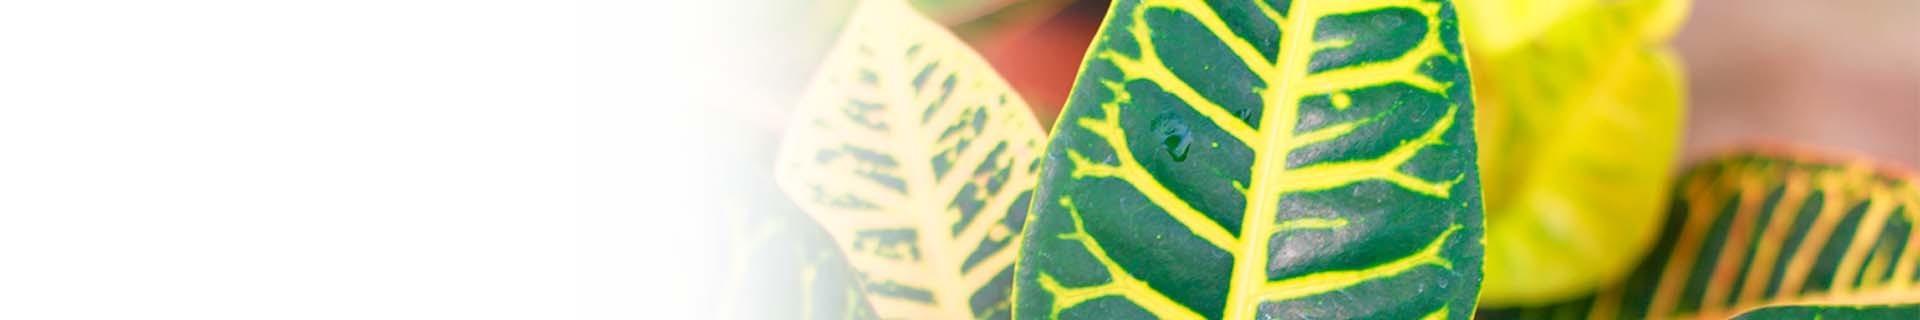 Sélection de plantes d'automne et de pots décoratifs pour la maison.